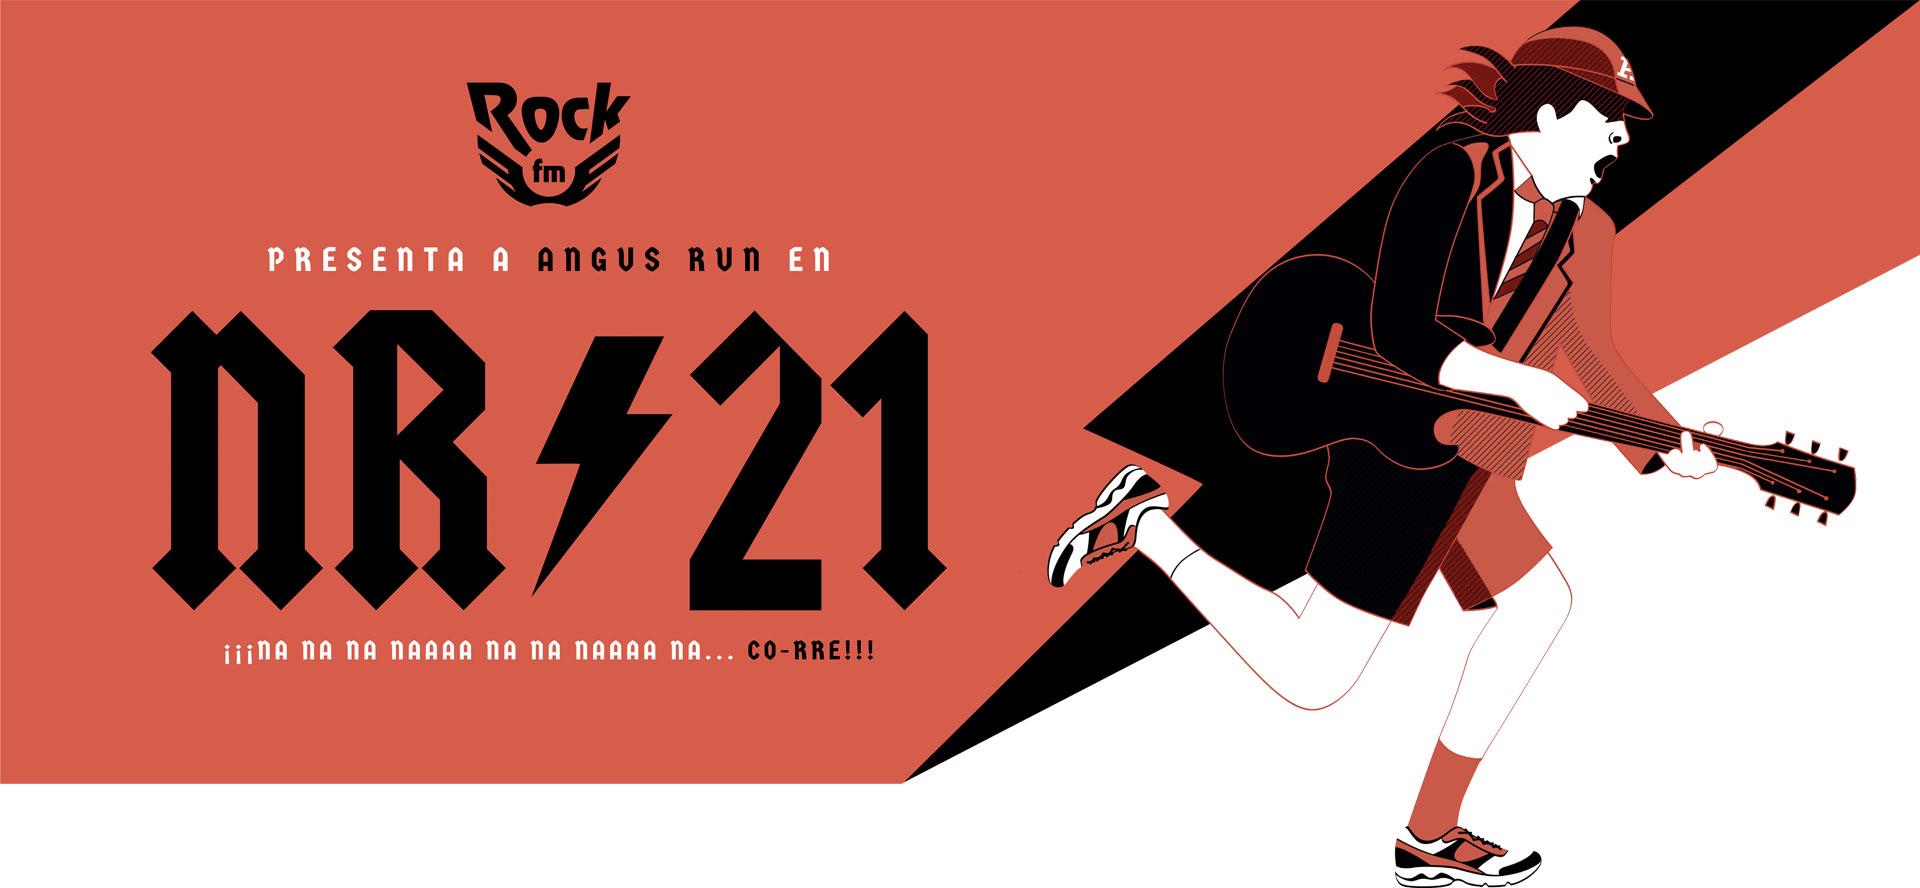 Rock FM Night Running 2021